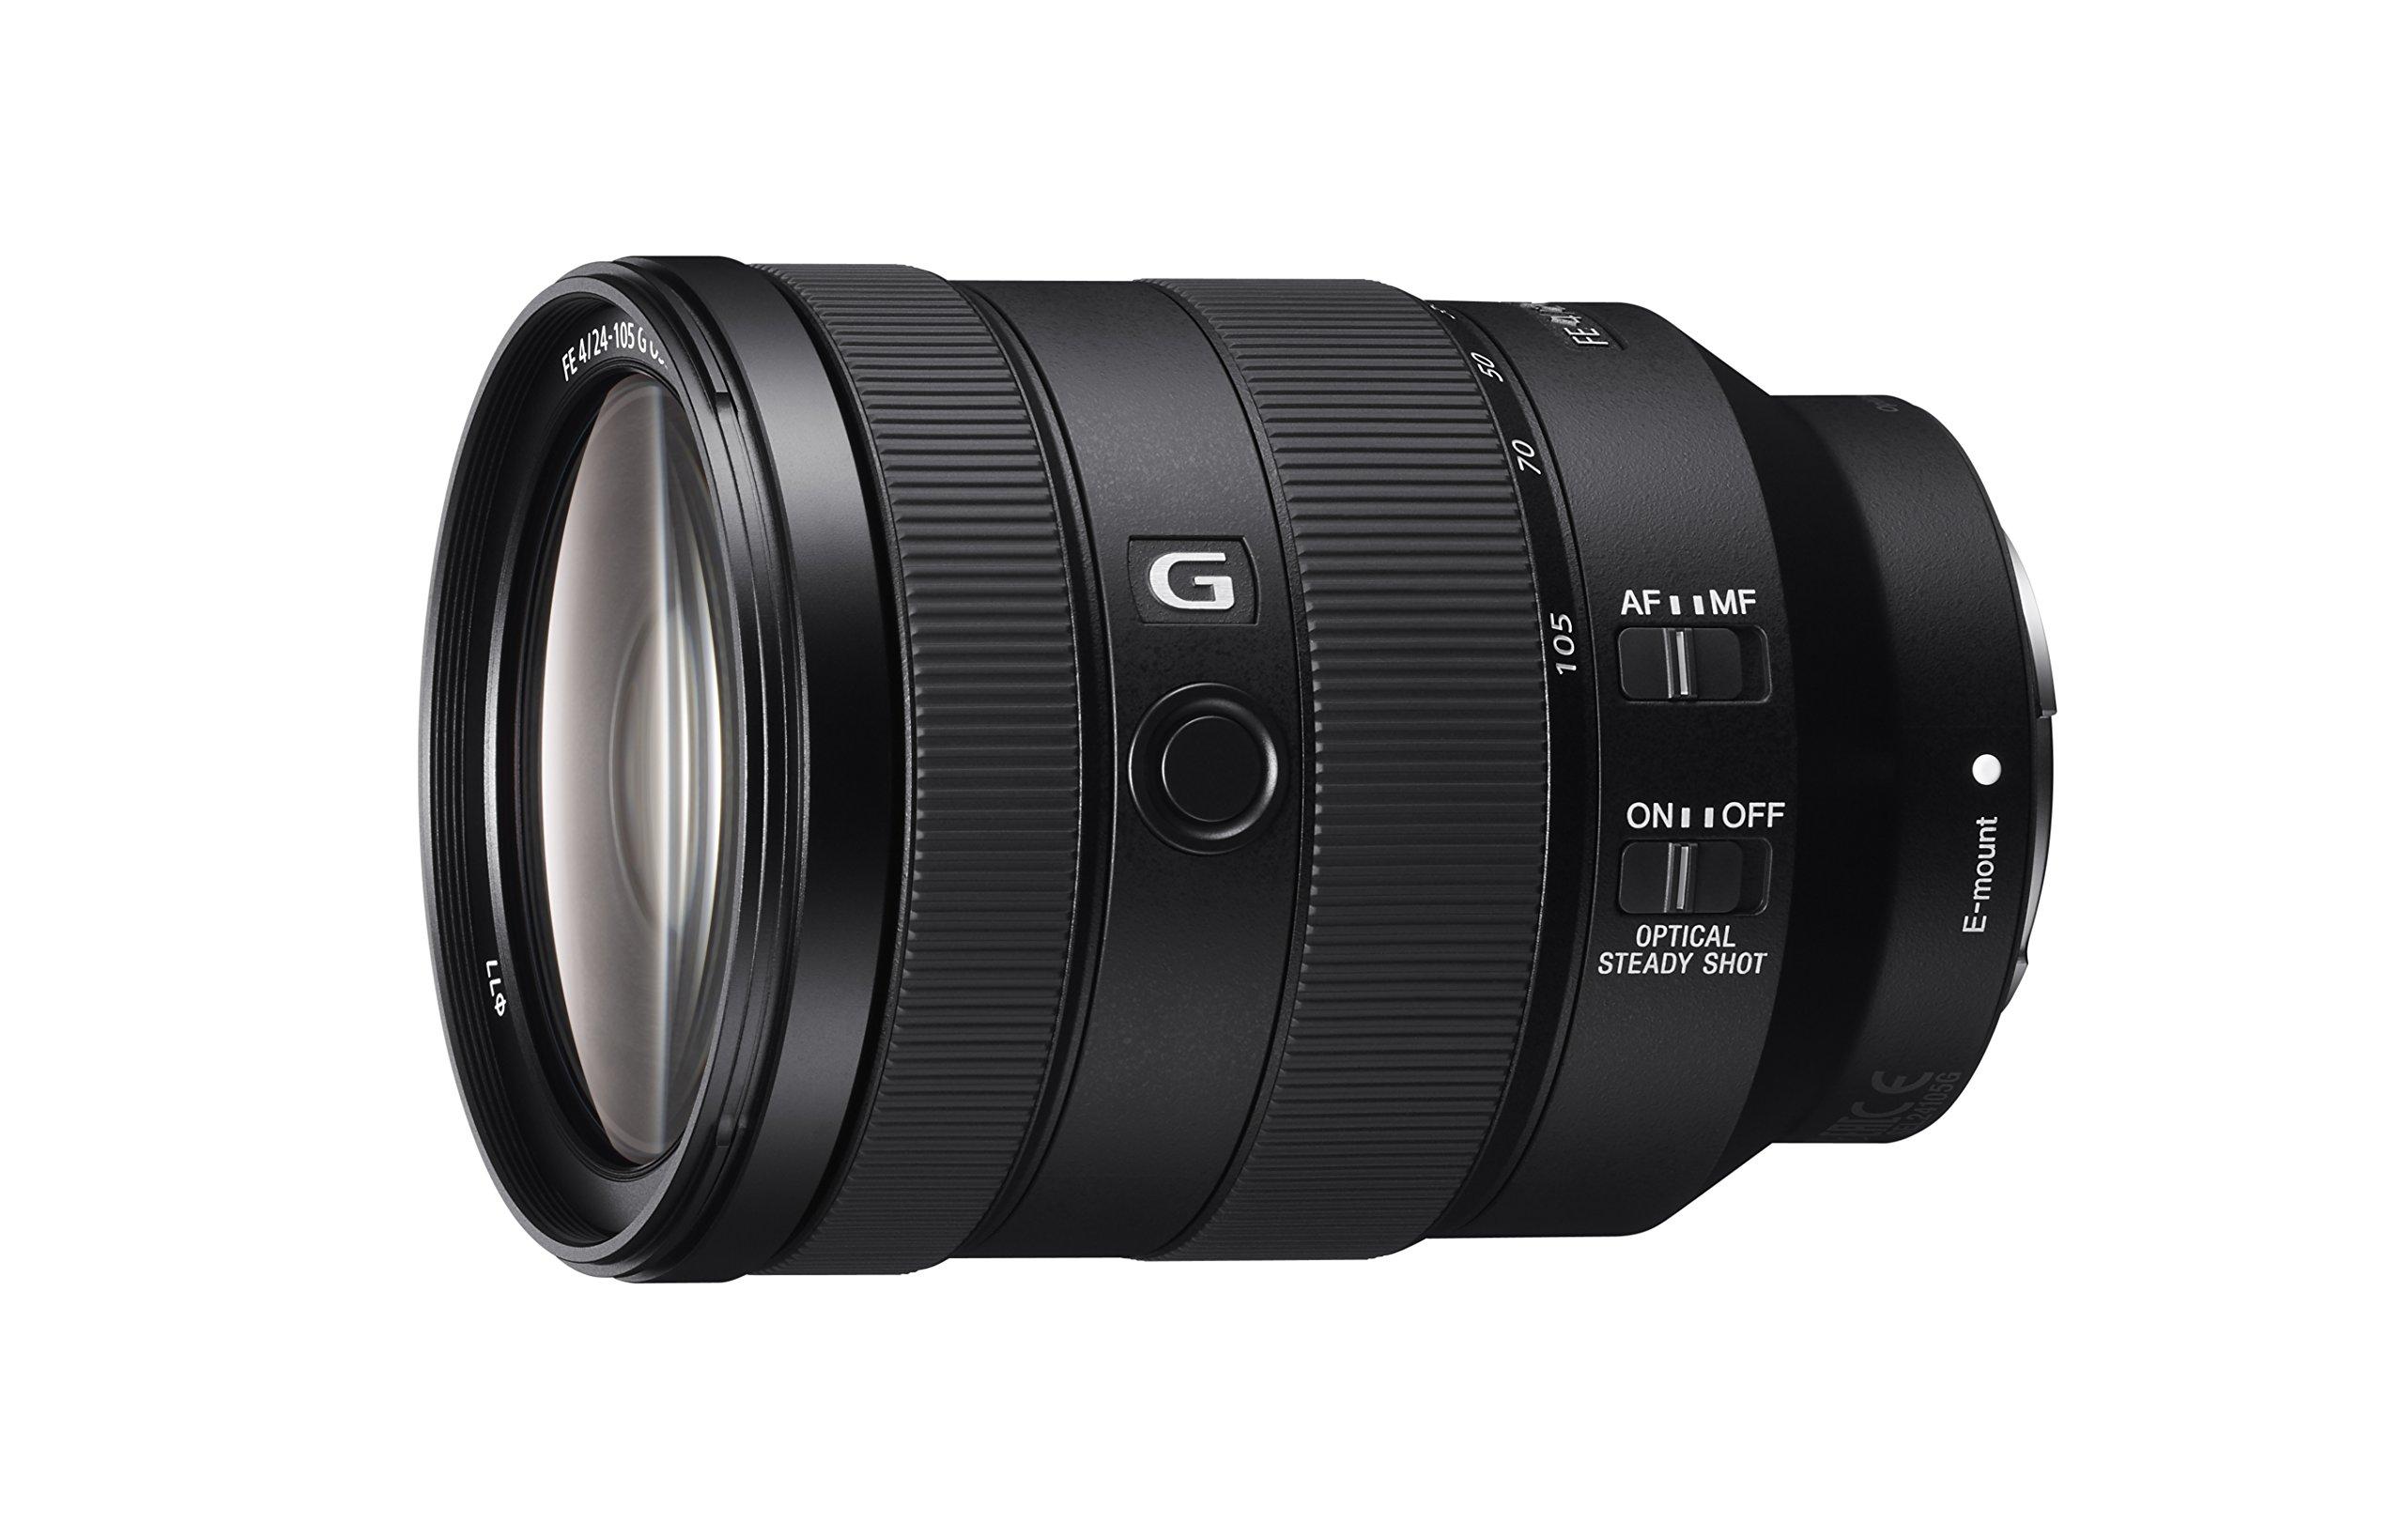 Sony Full Frame 24-105mm f/4 Standard-Zoom Camera Lens